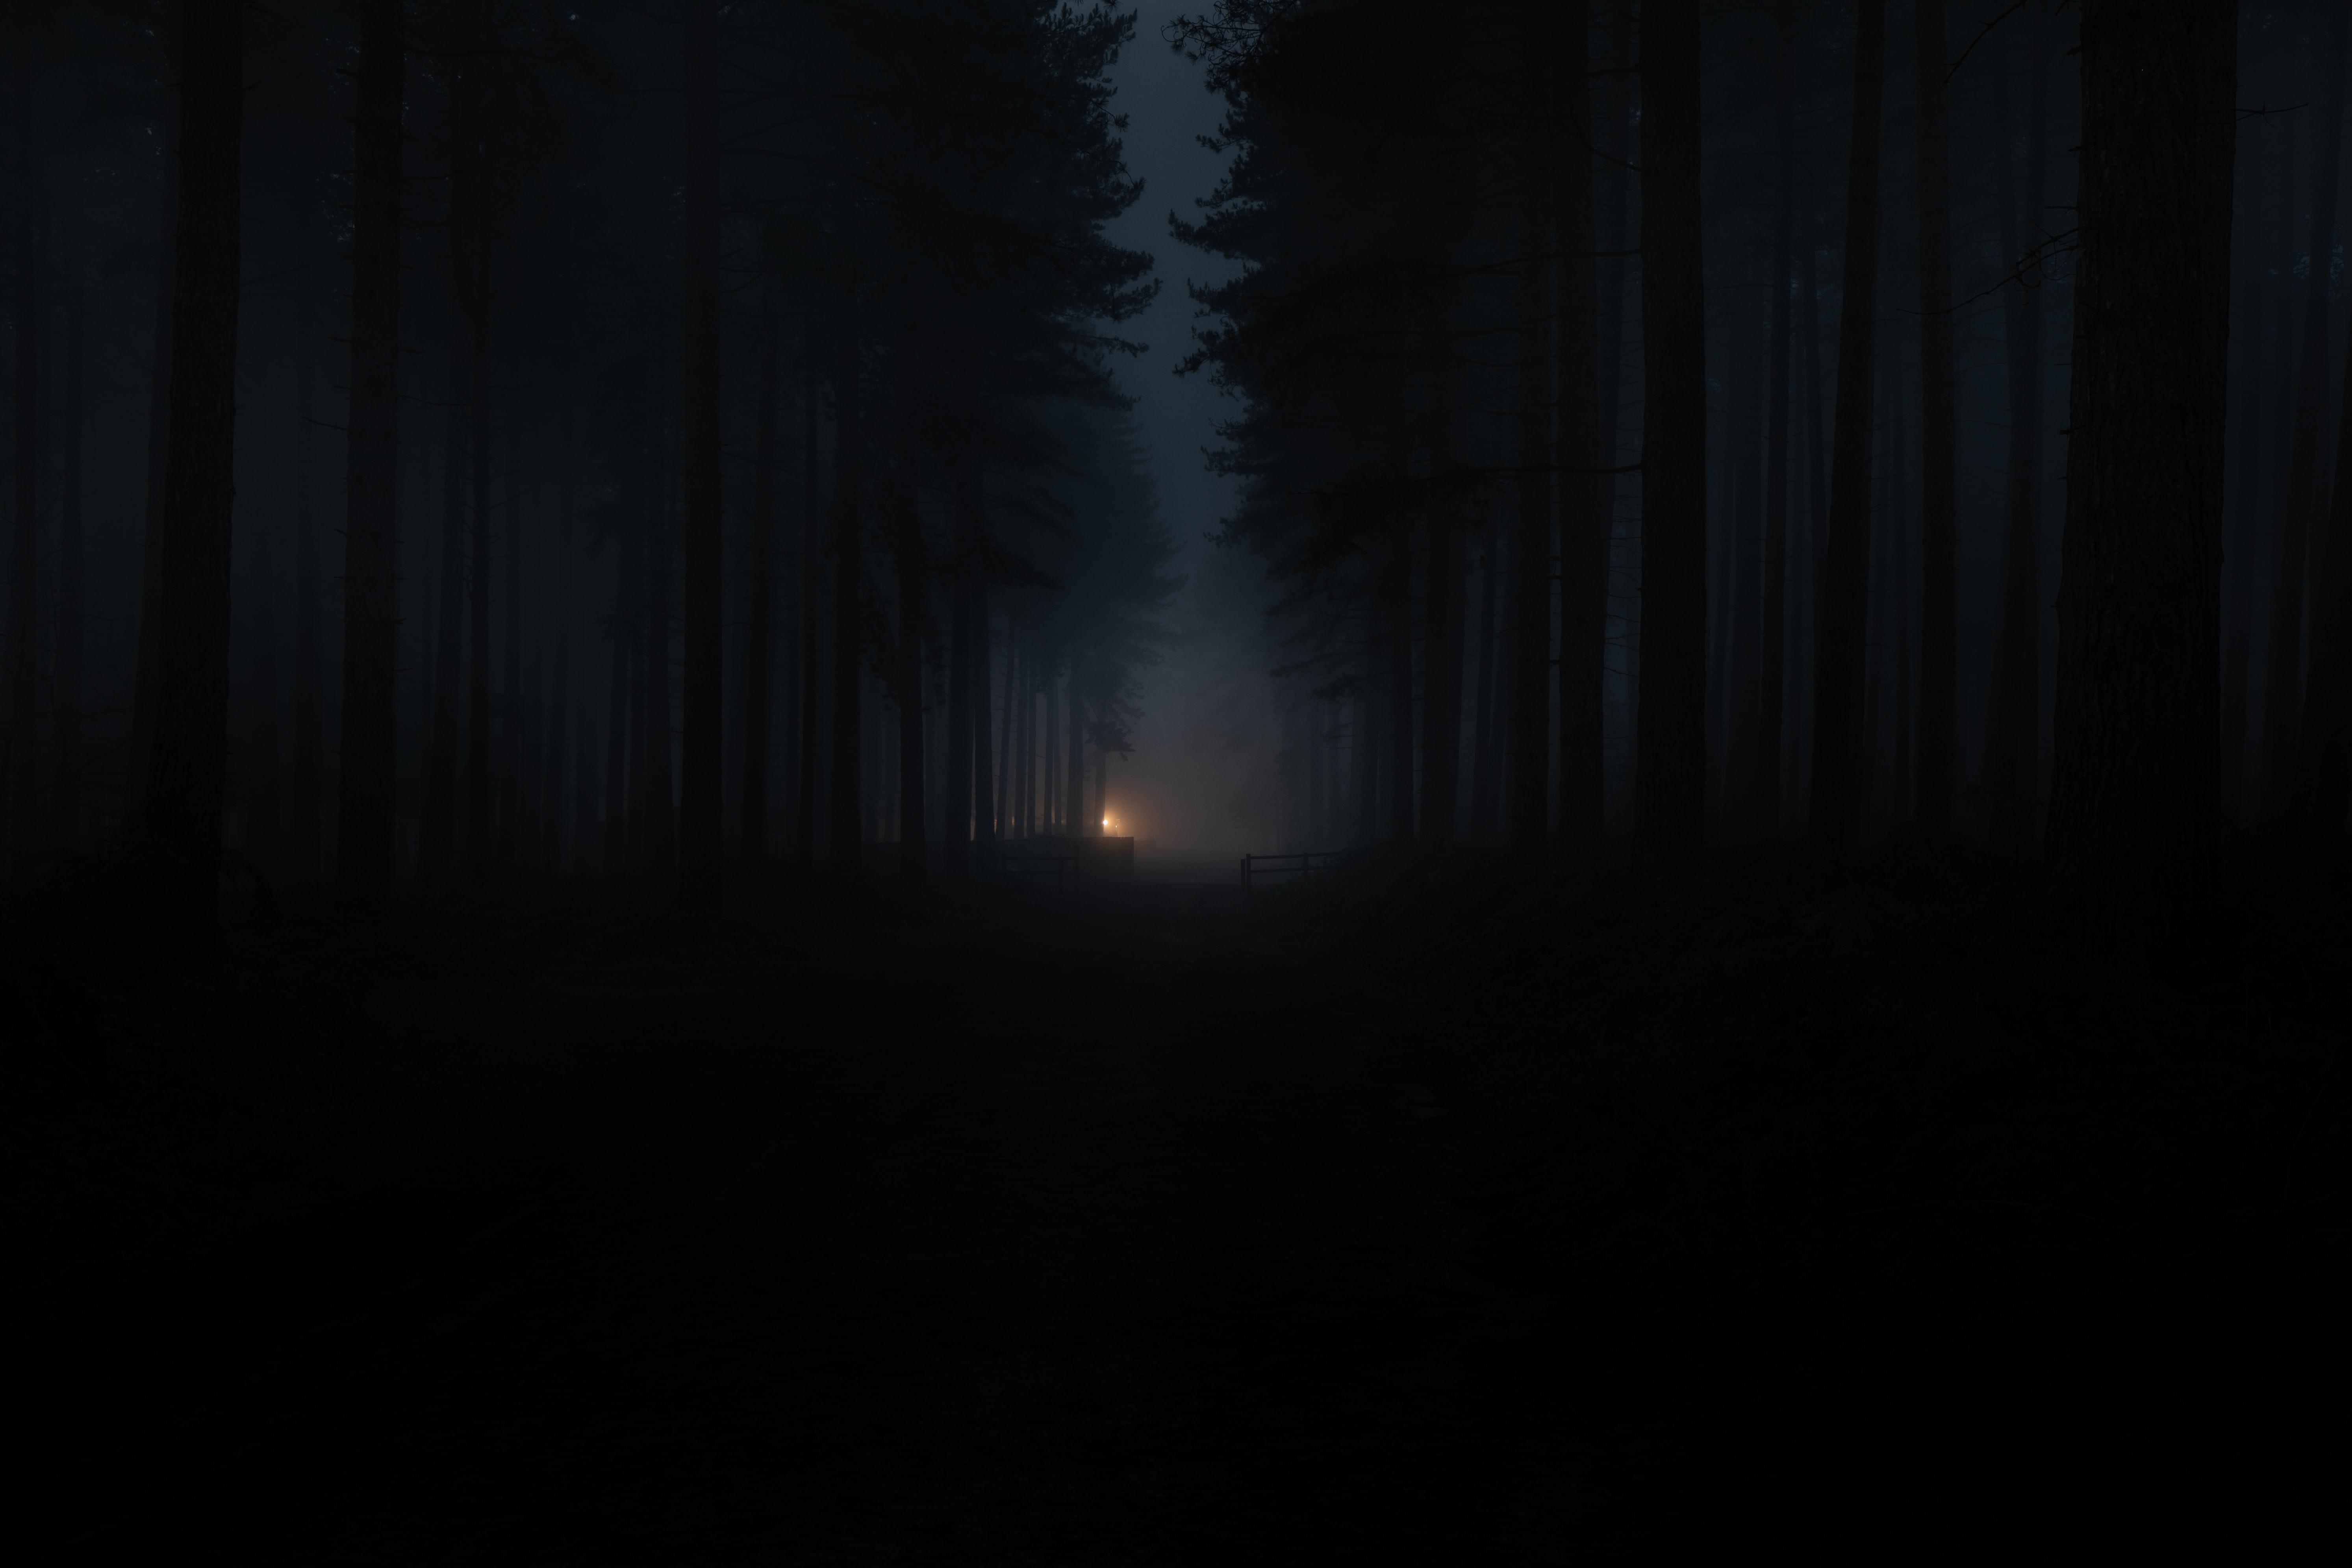 54276 скачать обои Темнота, Темные, Лес, Туман, Мрак - заставки и картинки бесплатно